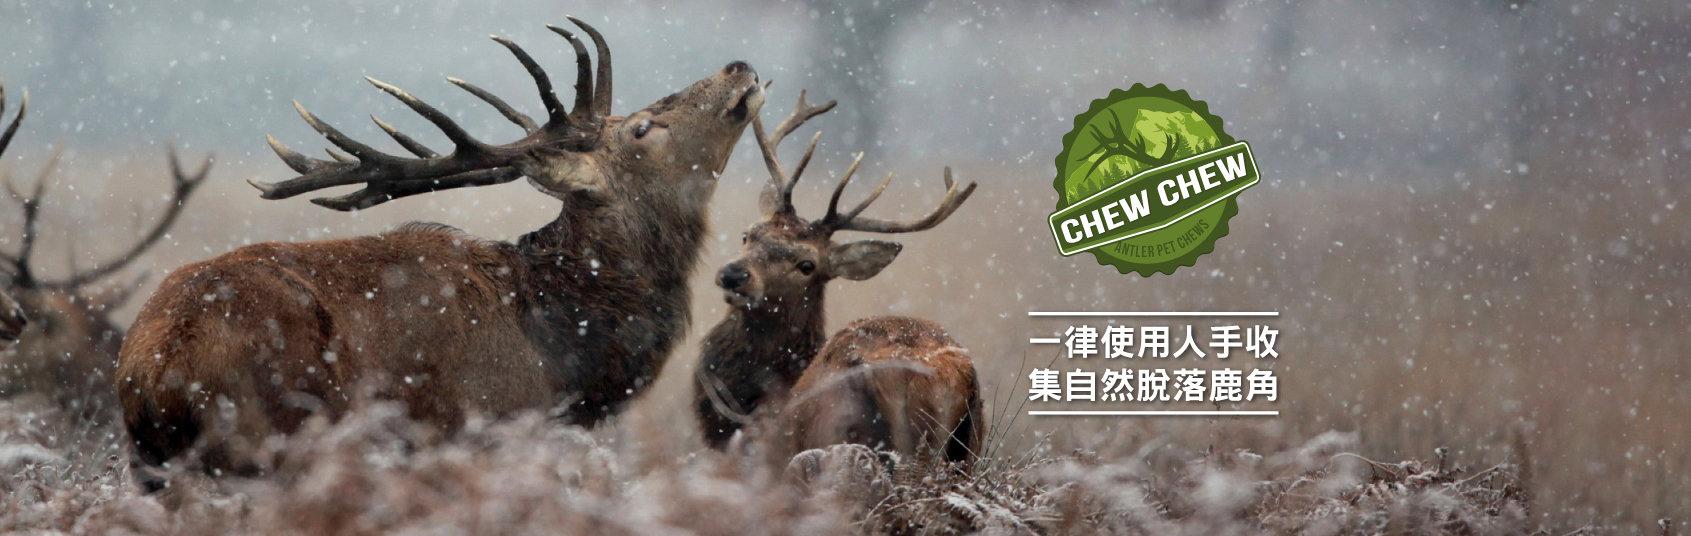 ChewChew-banner.jpg